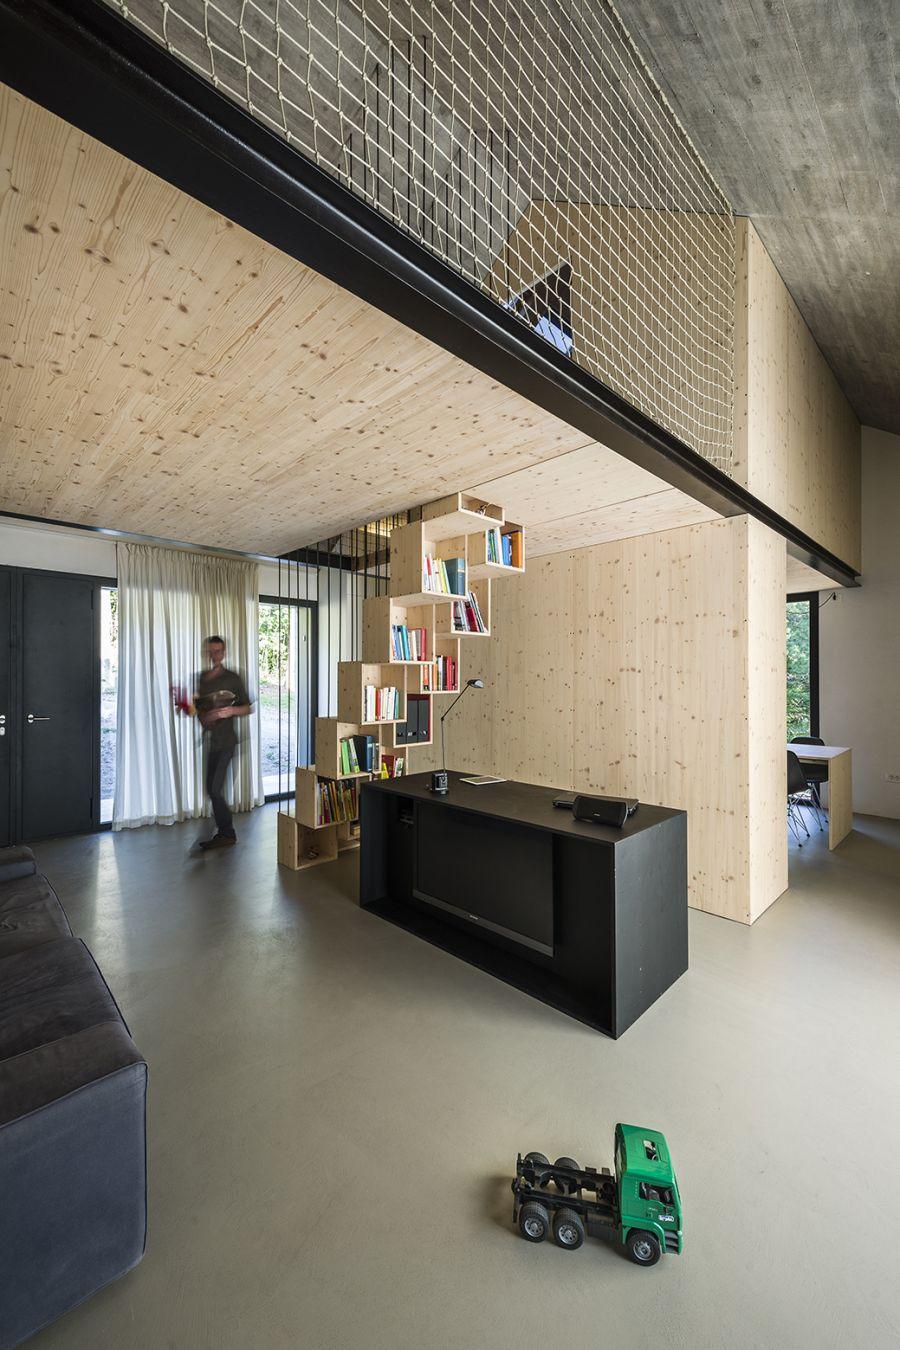 La arquitectura moderna y tradicional eslovena confluyen en esta casa compacta 20